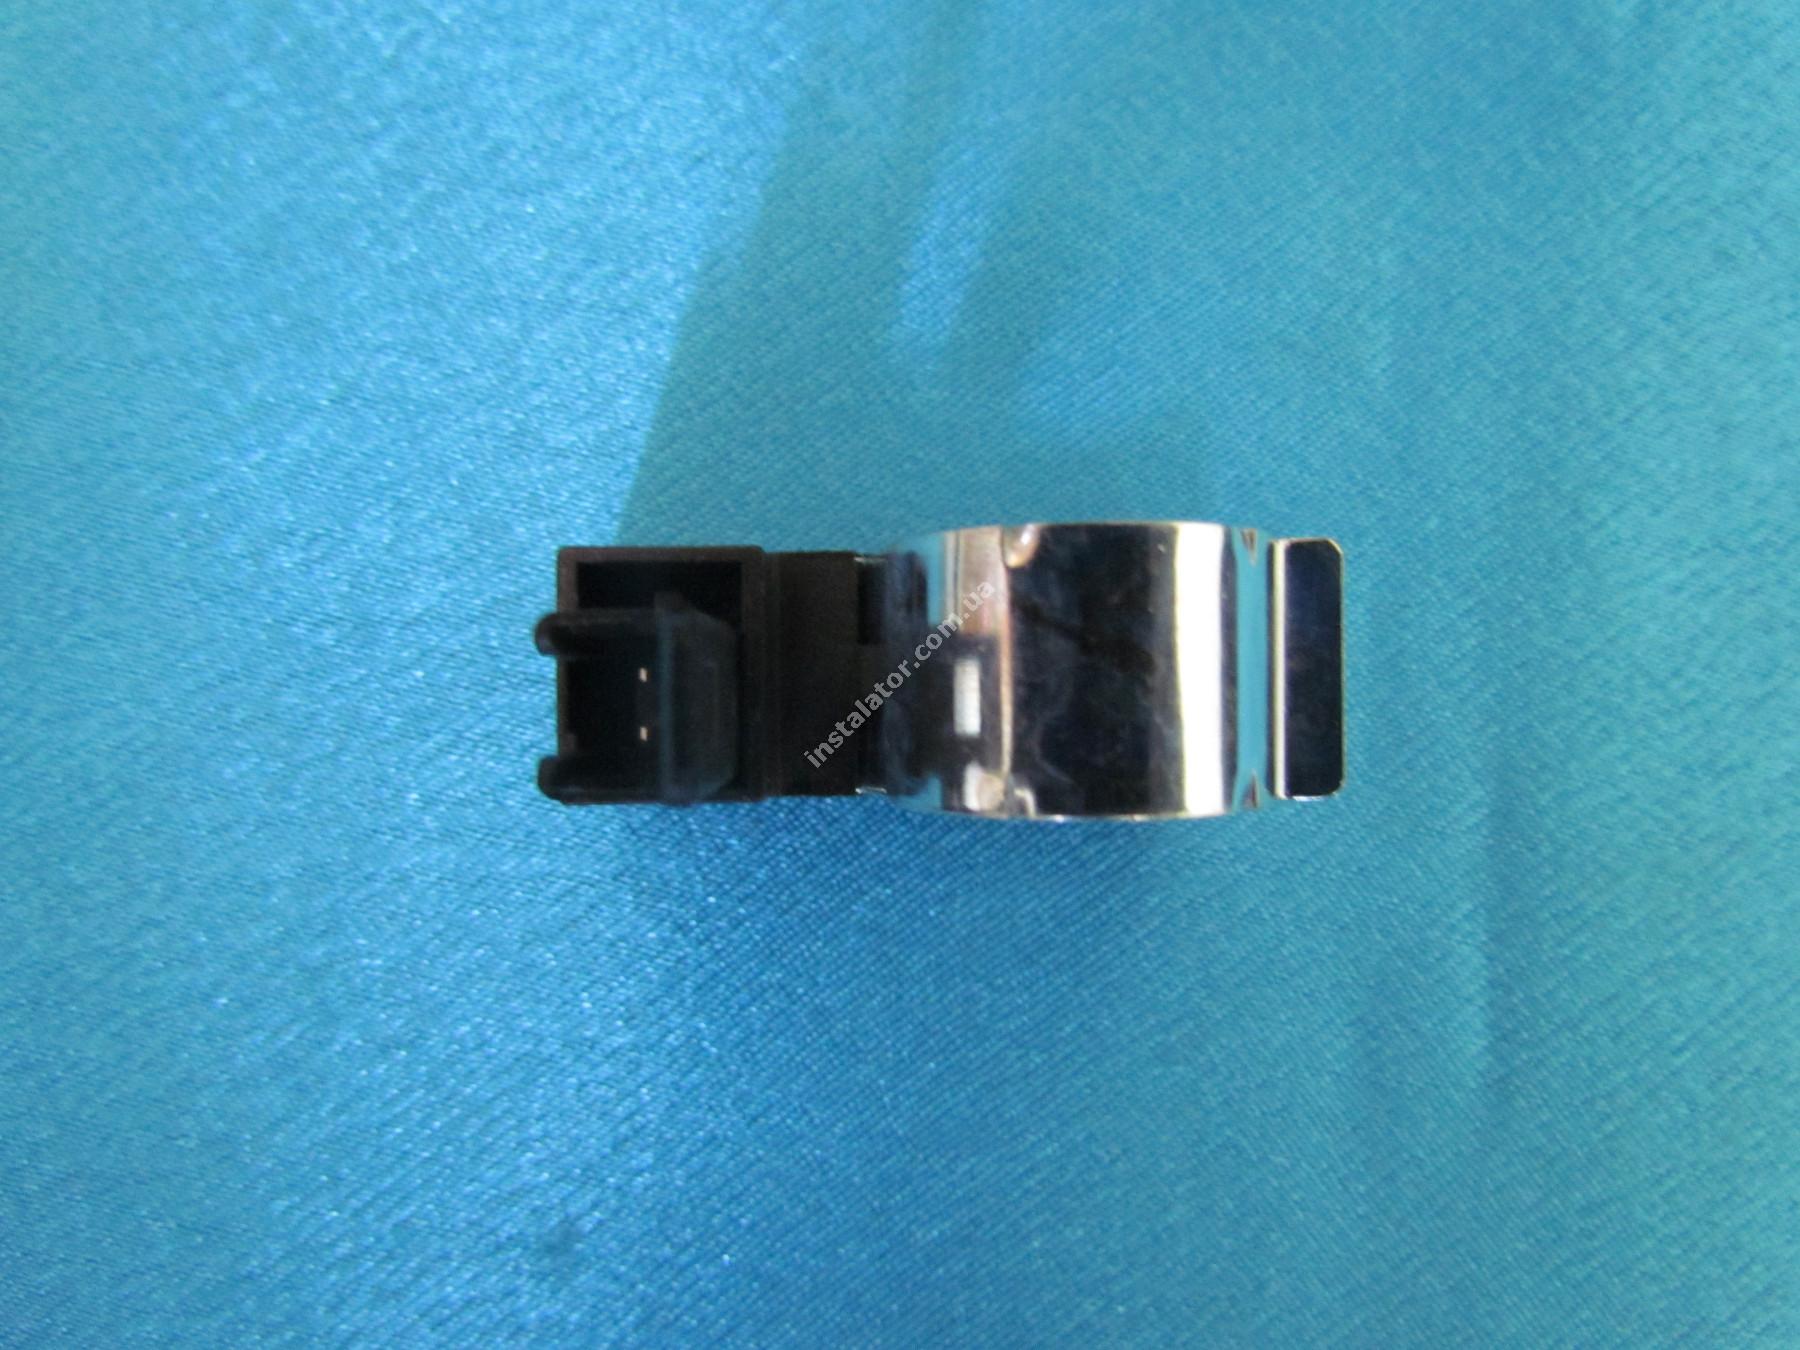 ТР01ВН1RQV Датчик температури (зонд NTC) накладний d18 full-image-0